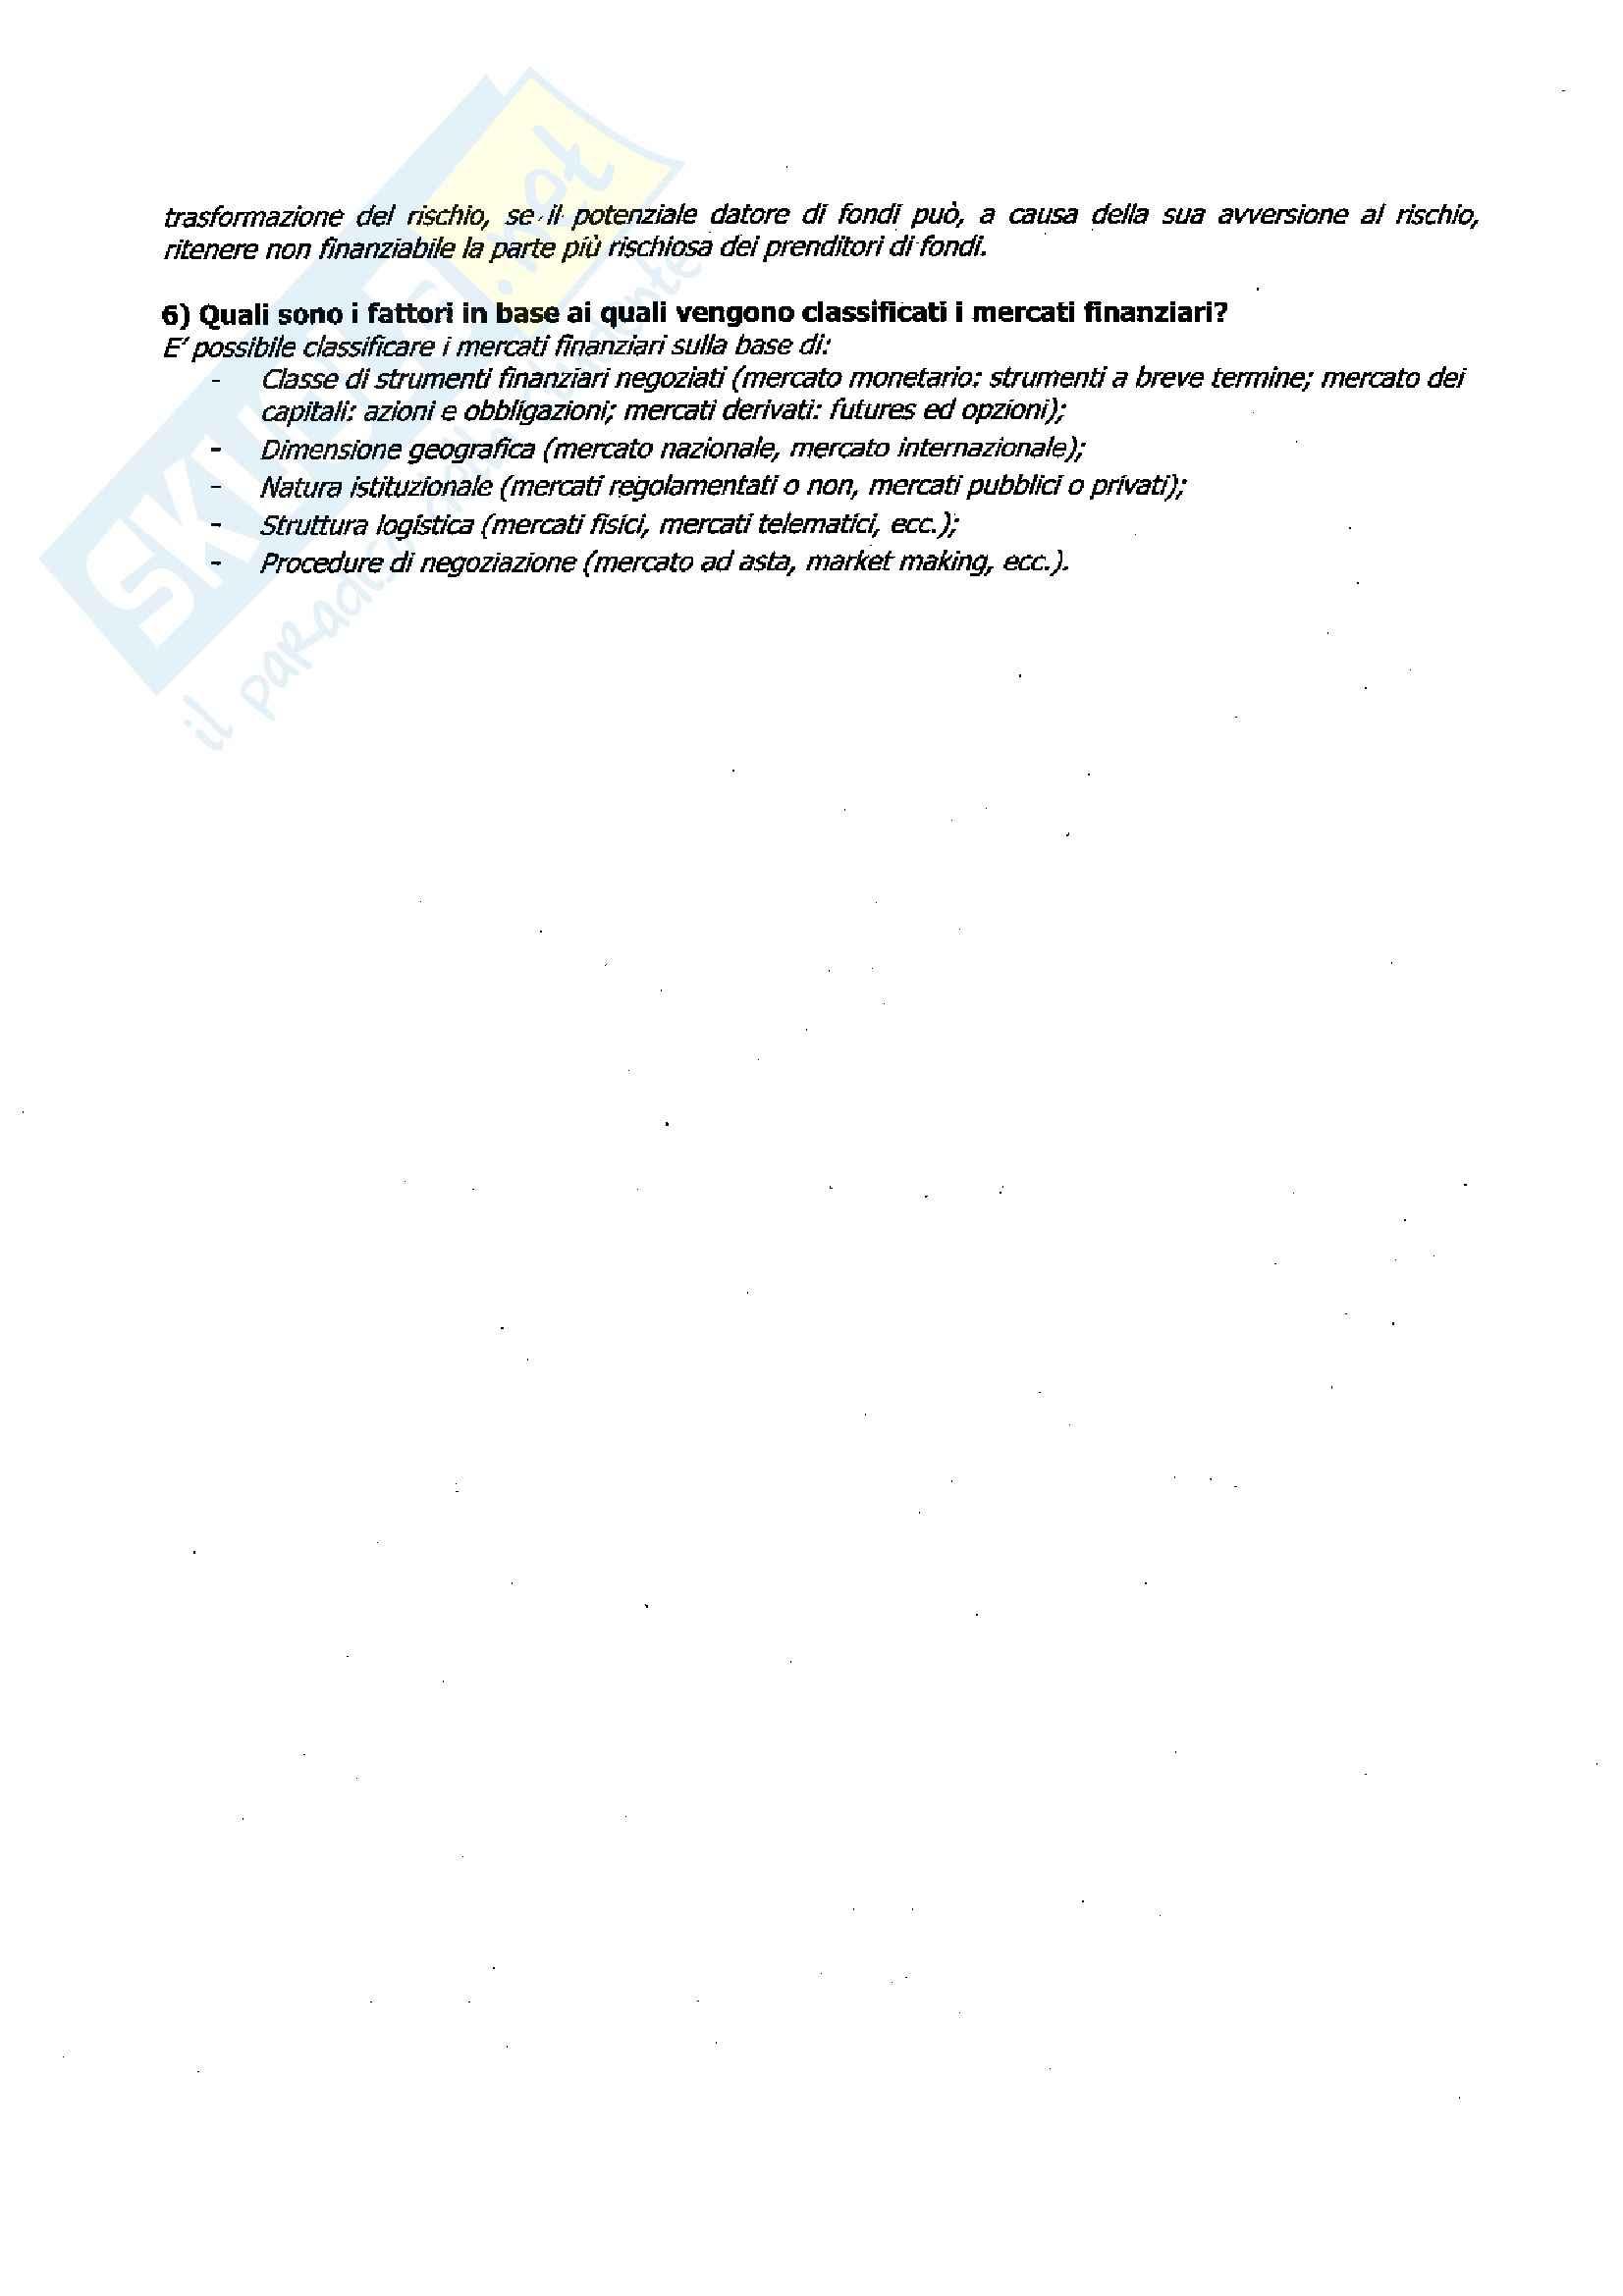 Economia degli intermediari finanziari - Investimenti e pagamenti Pag. 2